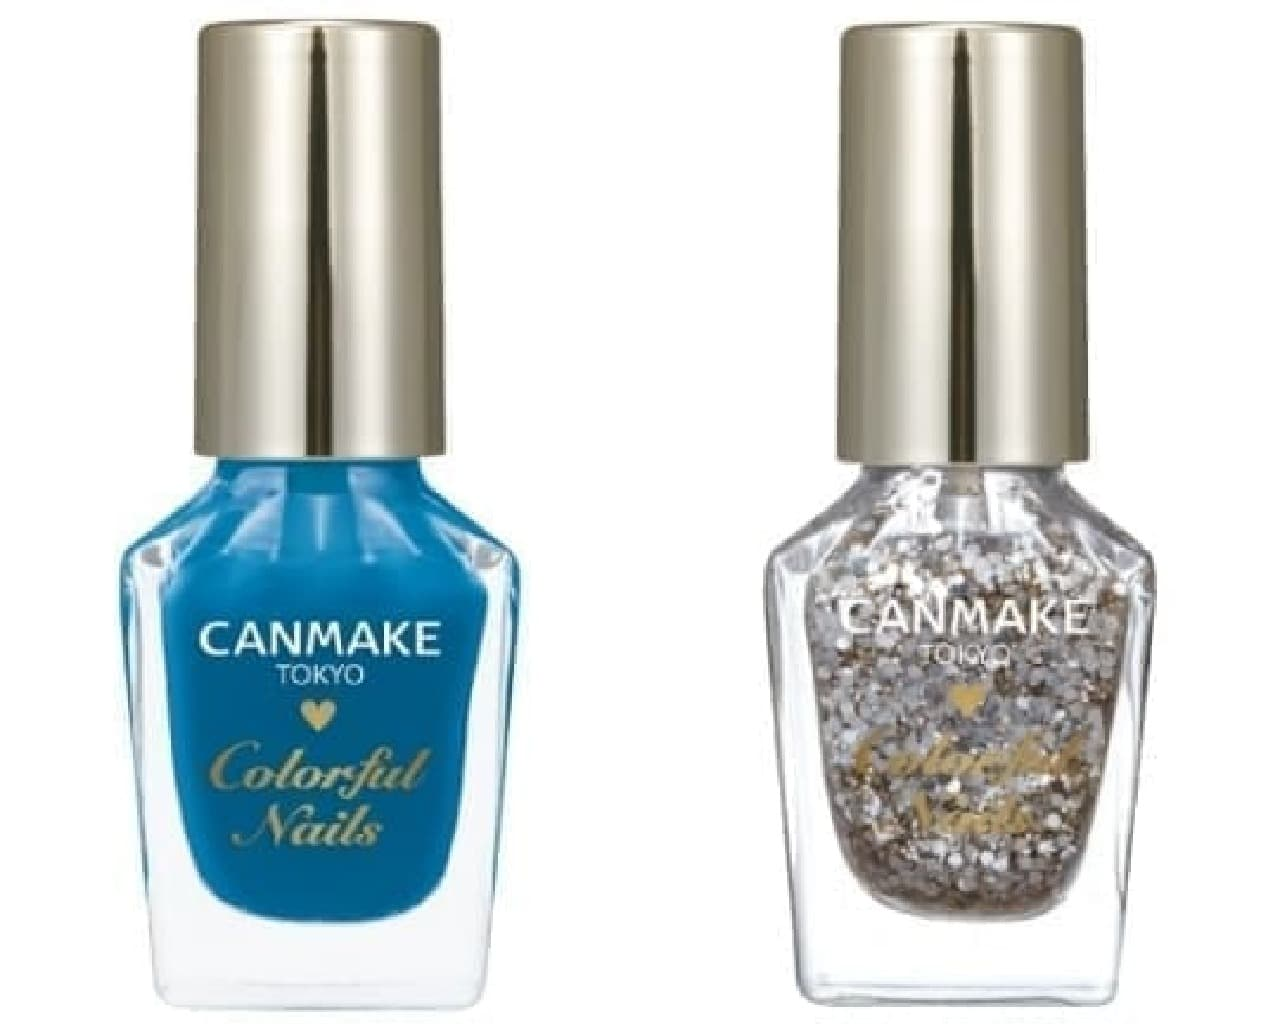 キャンメイク「カラフルネイルズ」限定色「N37 ターコイズブルー」と「N38 ジュエリードロップ」